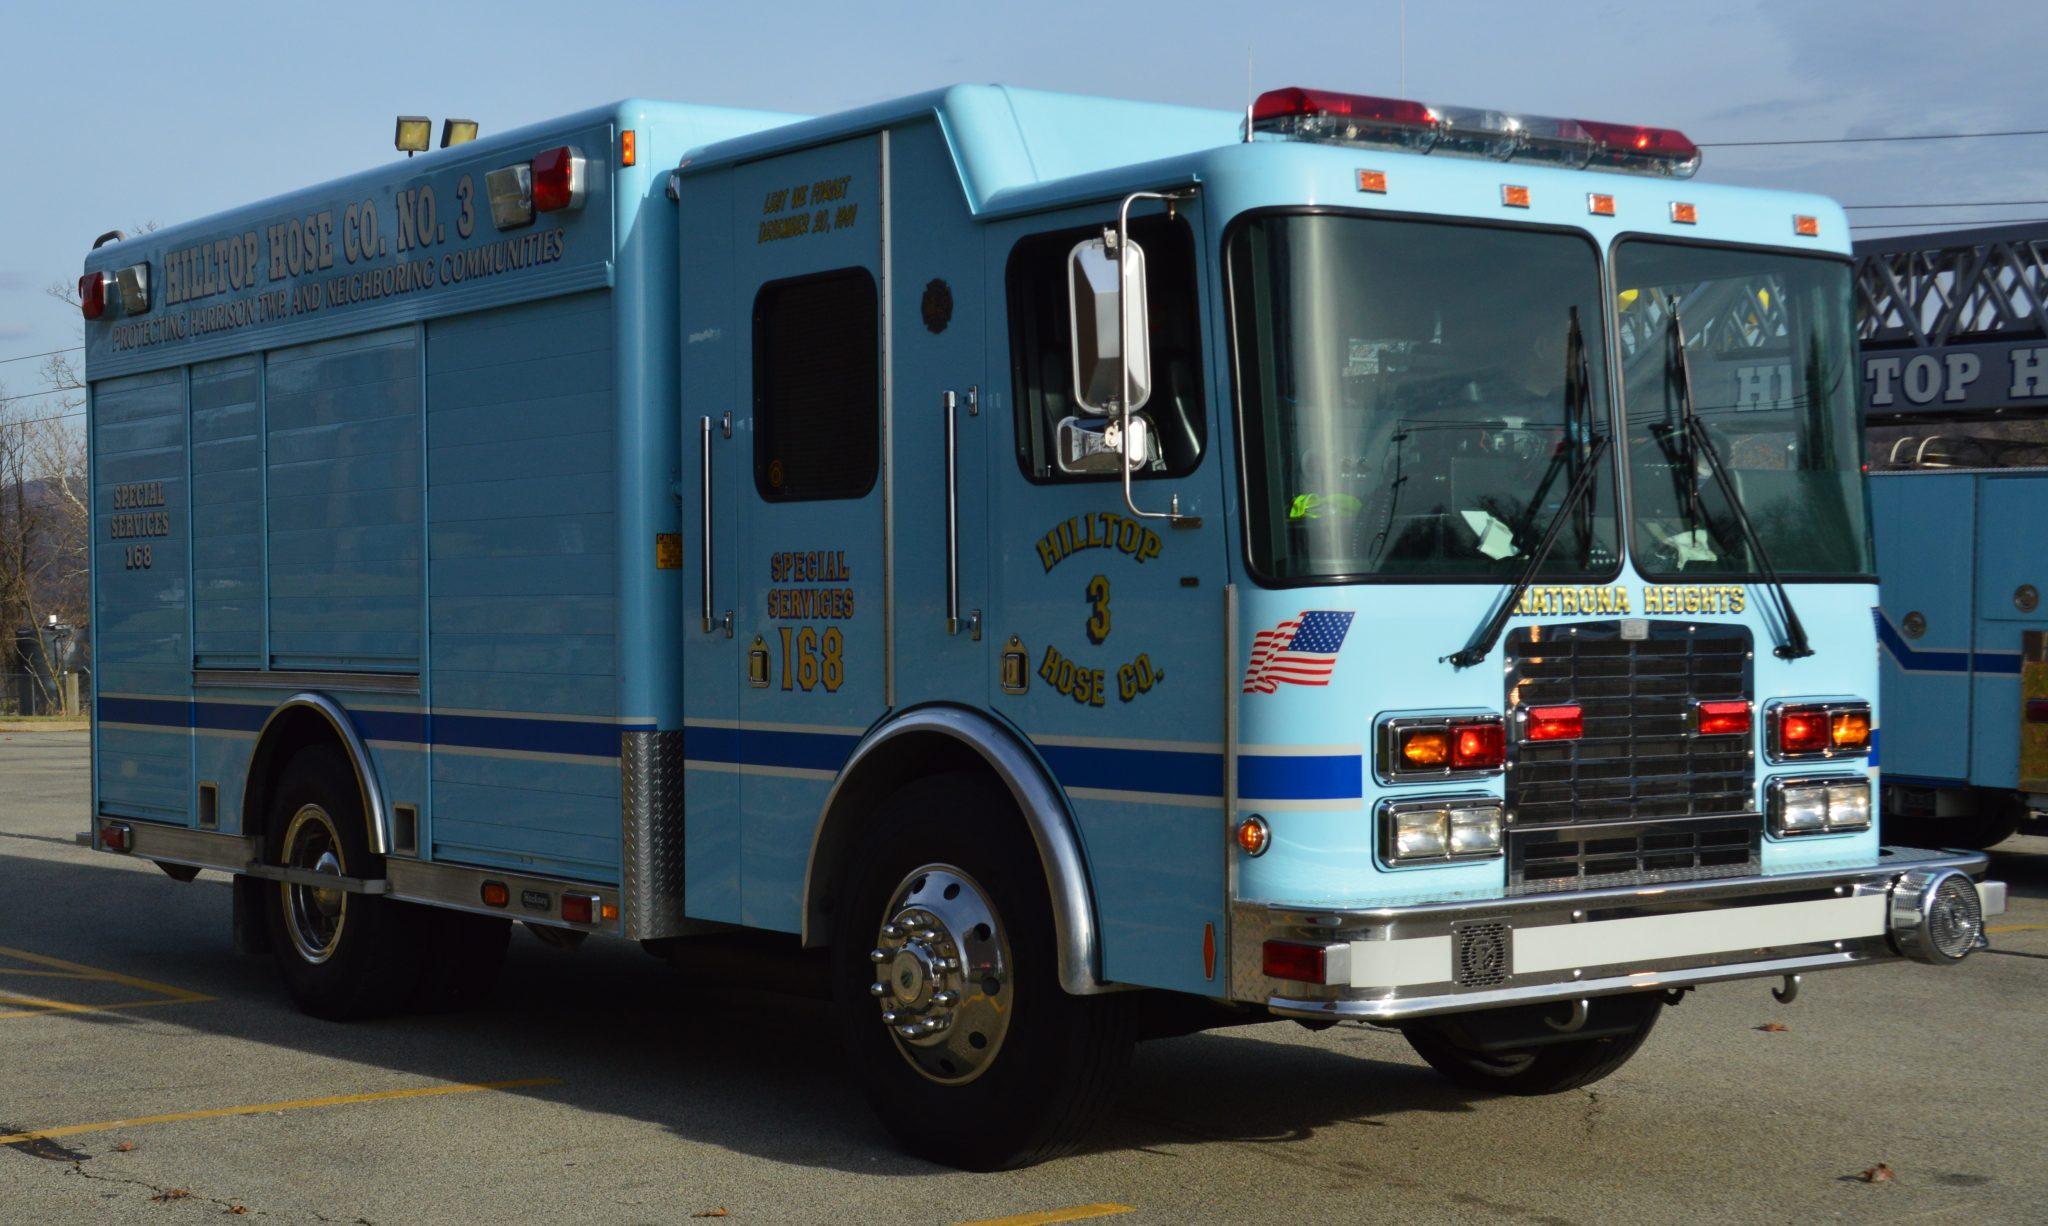 hilltop hose truck 5